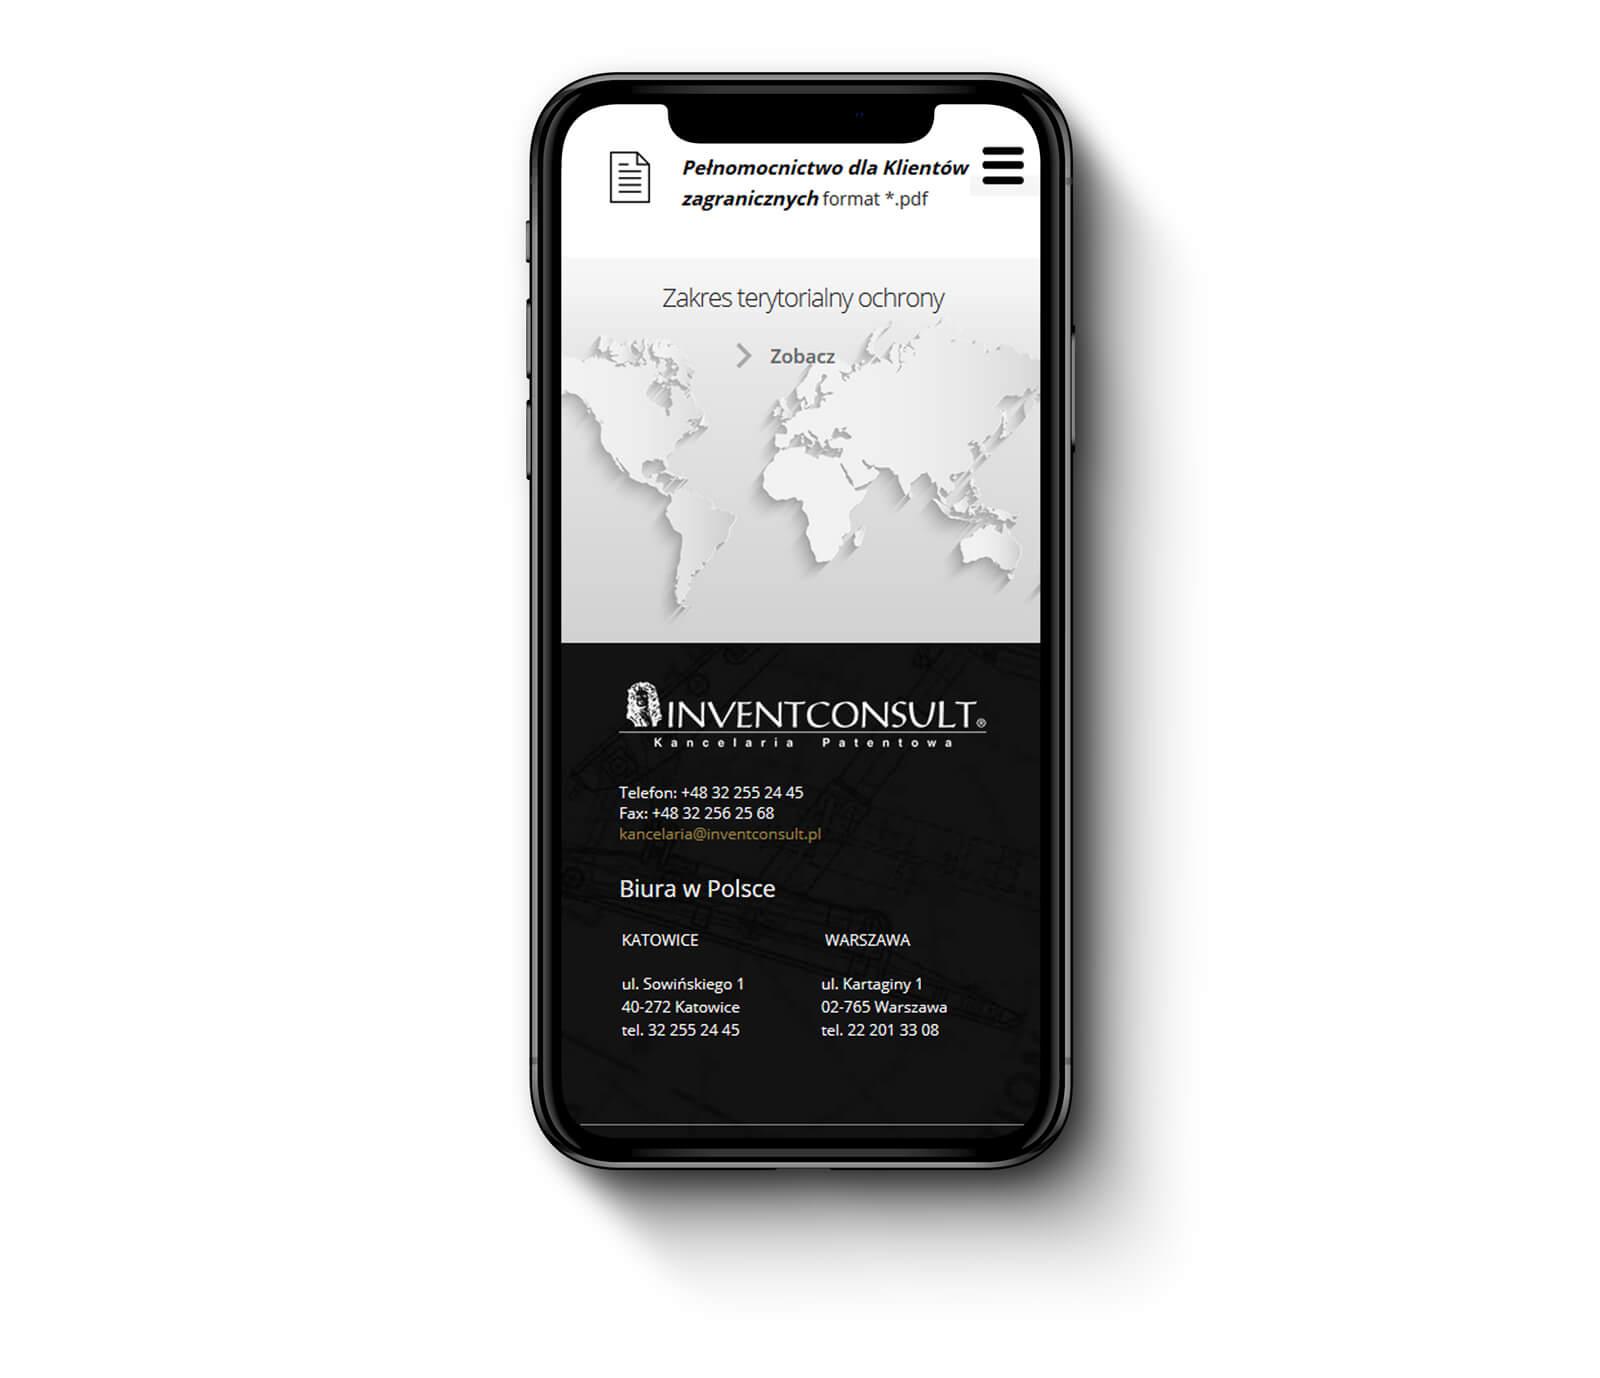 Invent Consult - strona internetowa zaprojektowana pod telefony, tablety i komputery